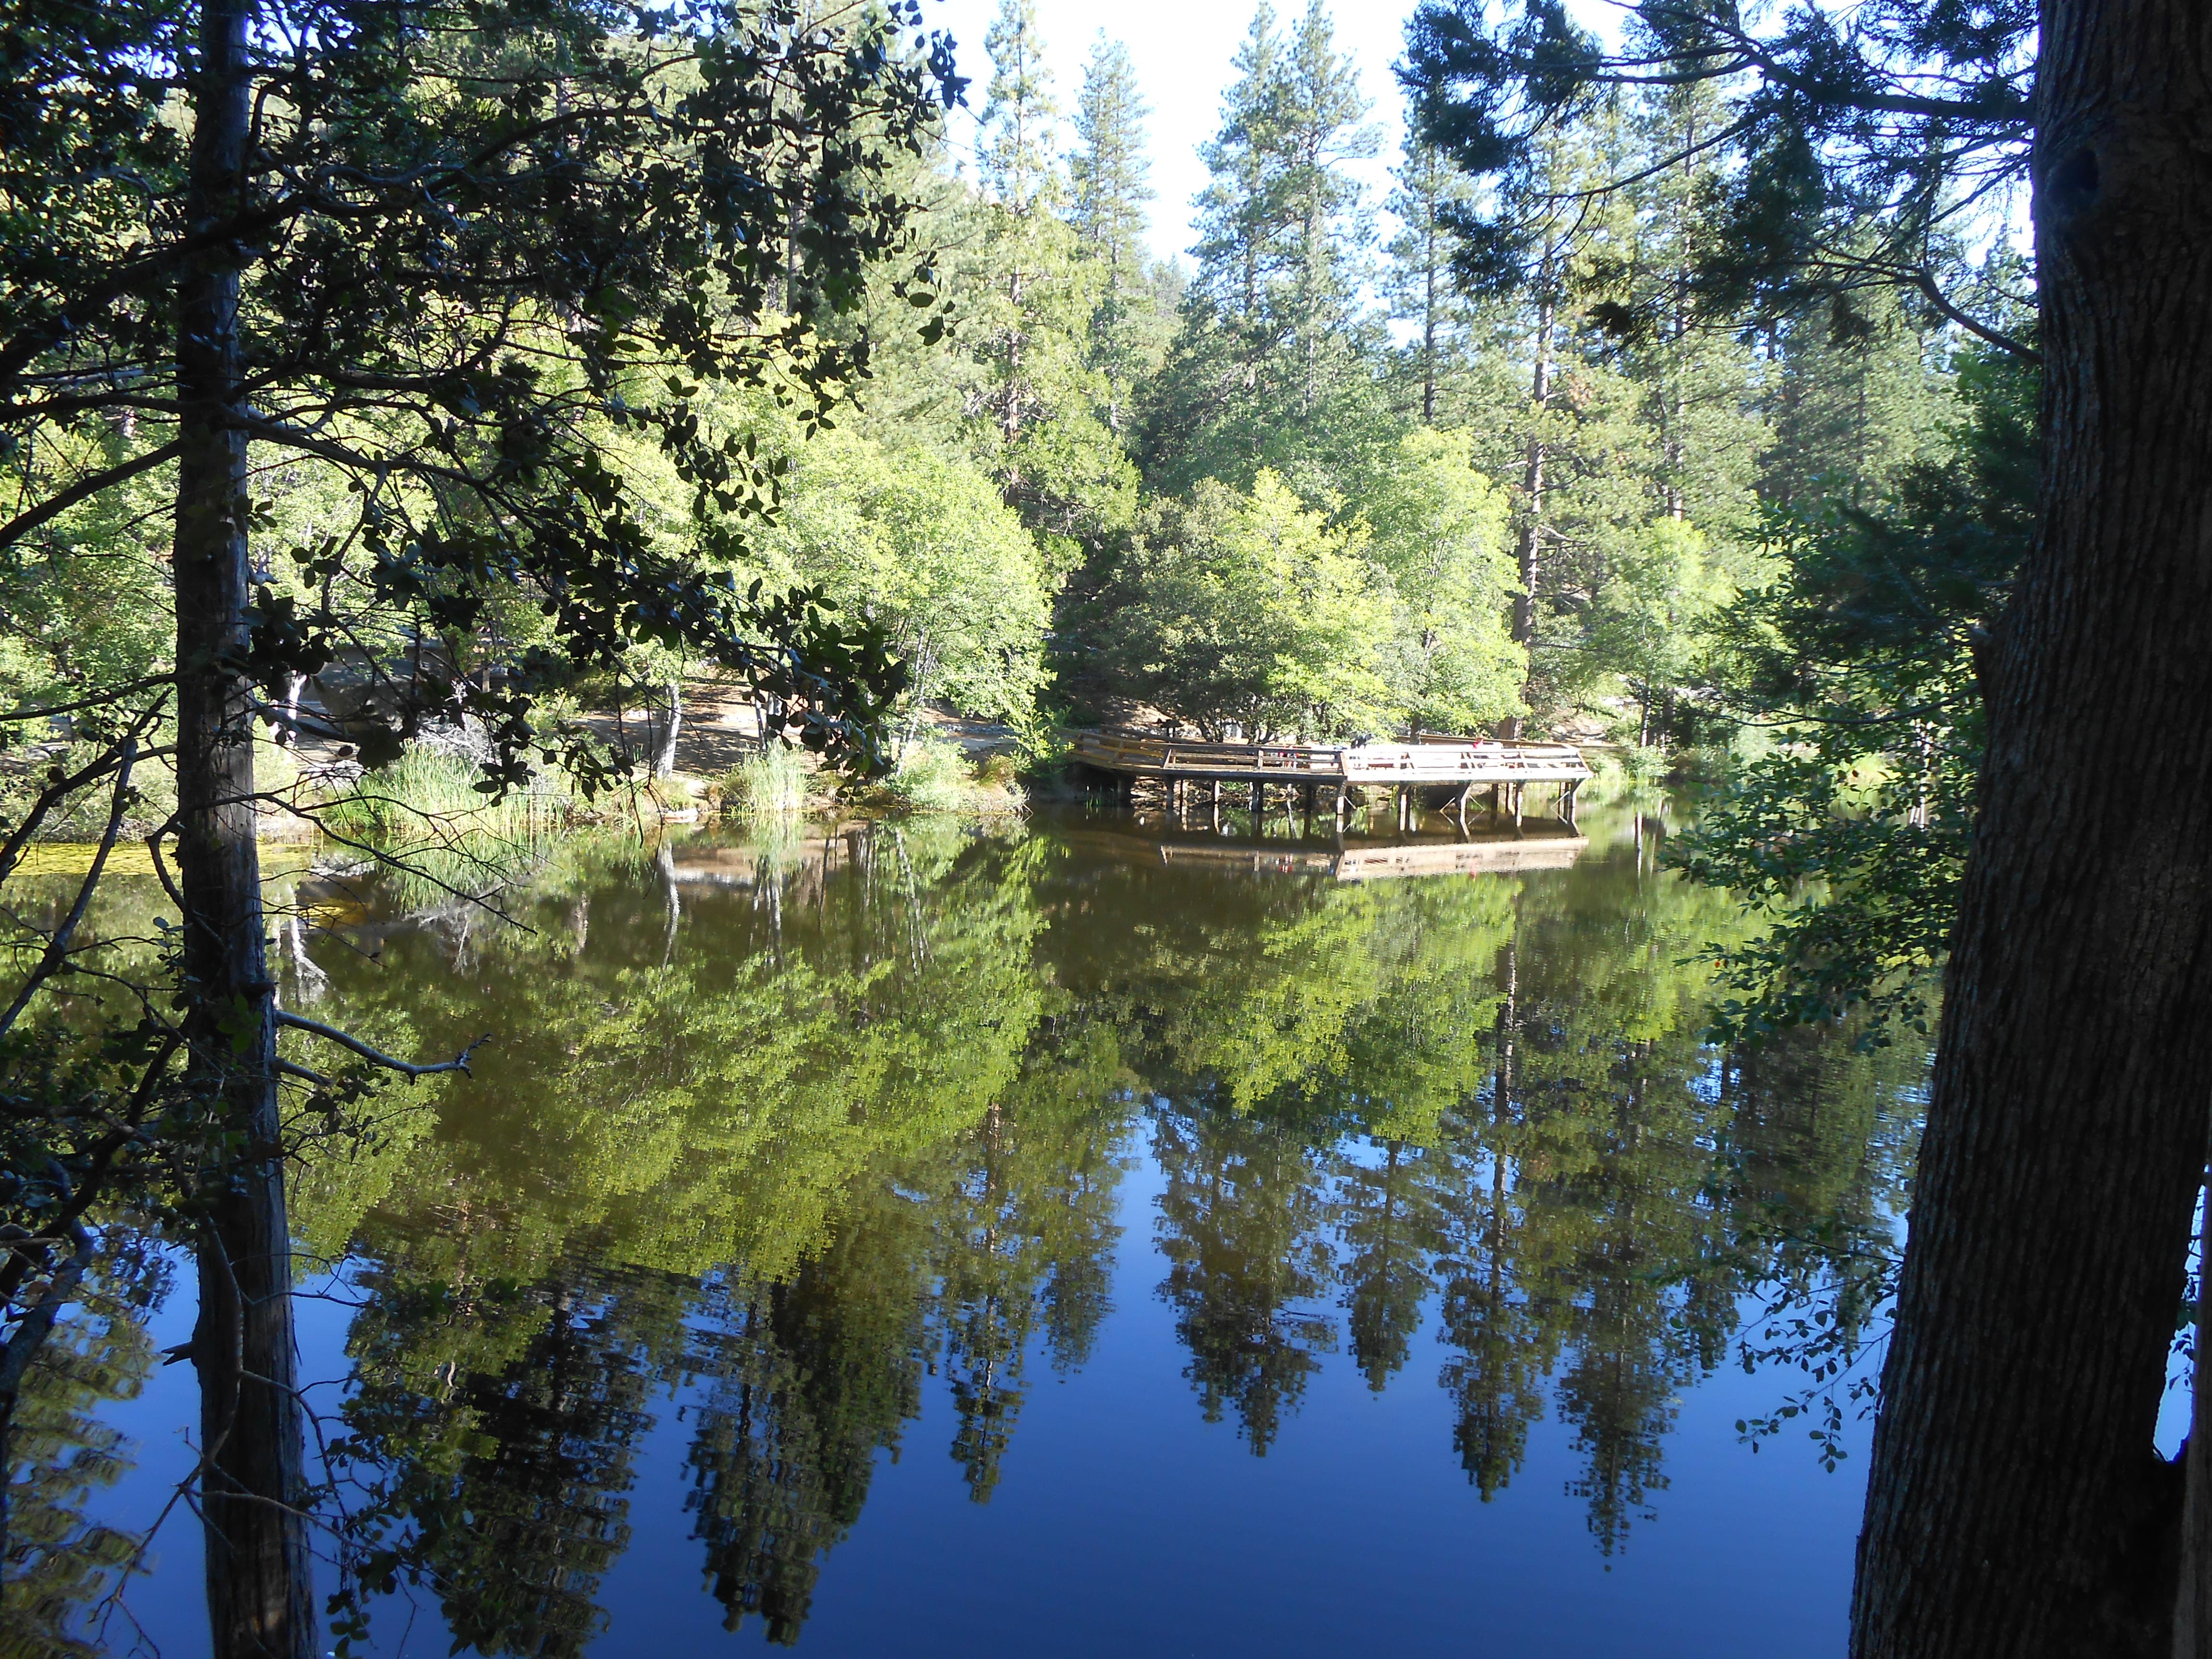 lake fulmor reflection